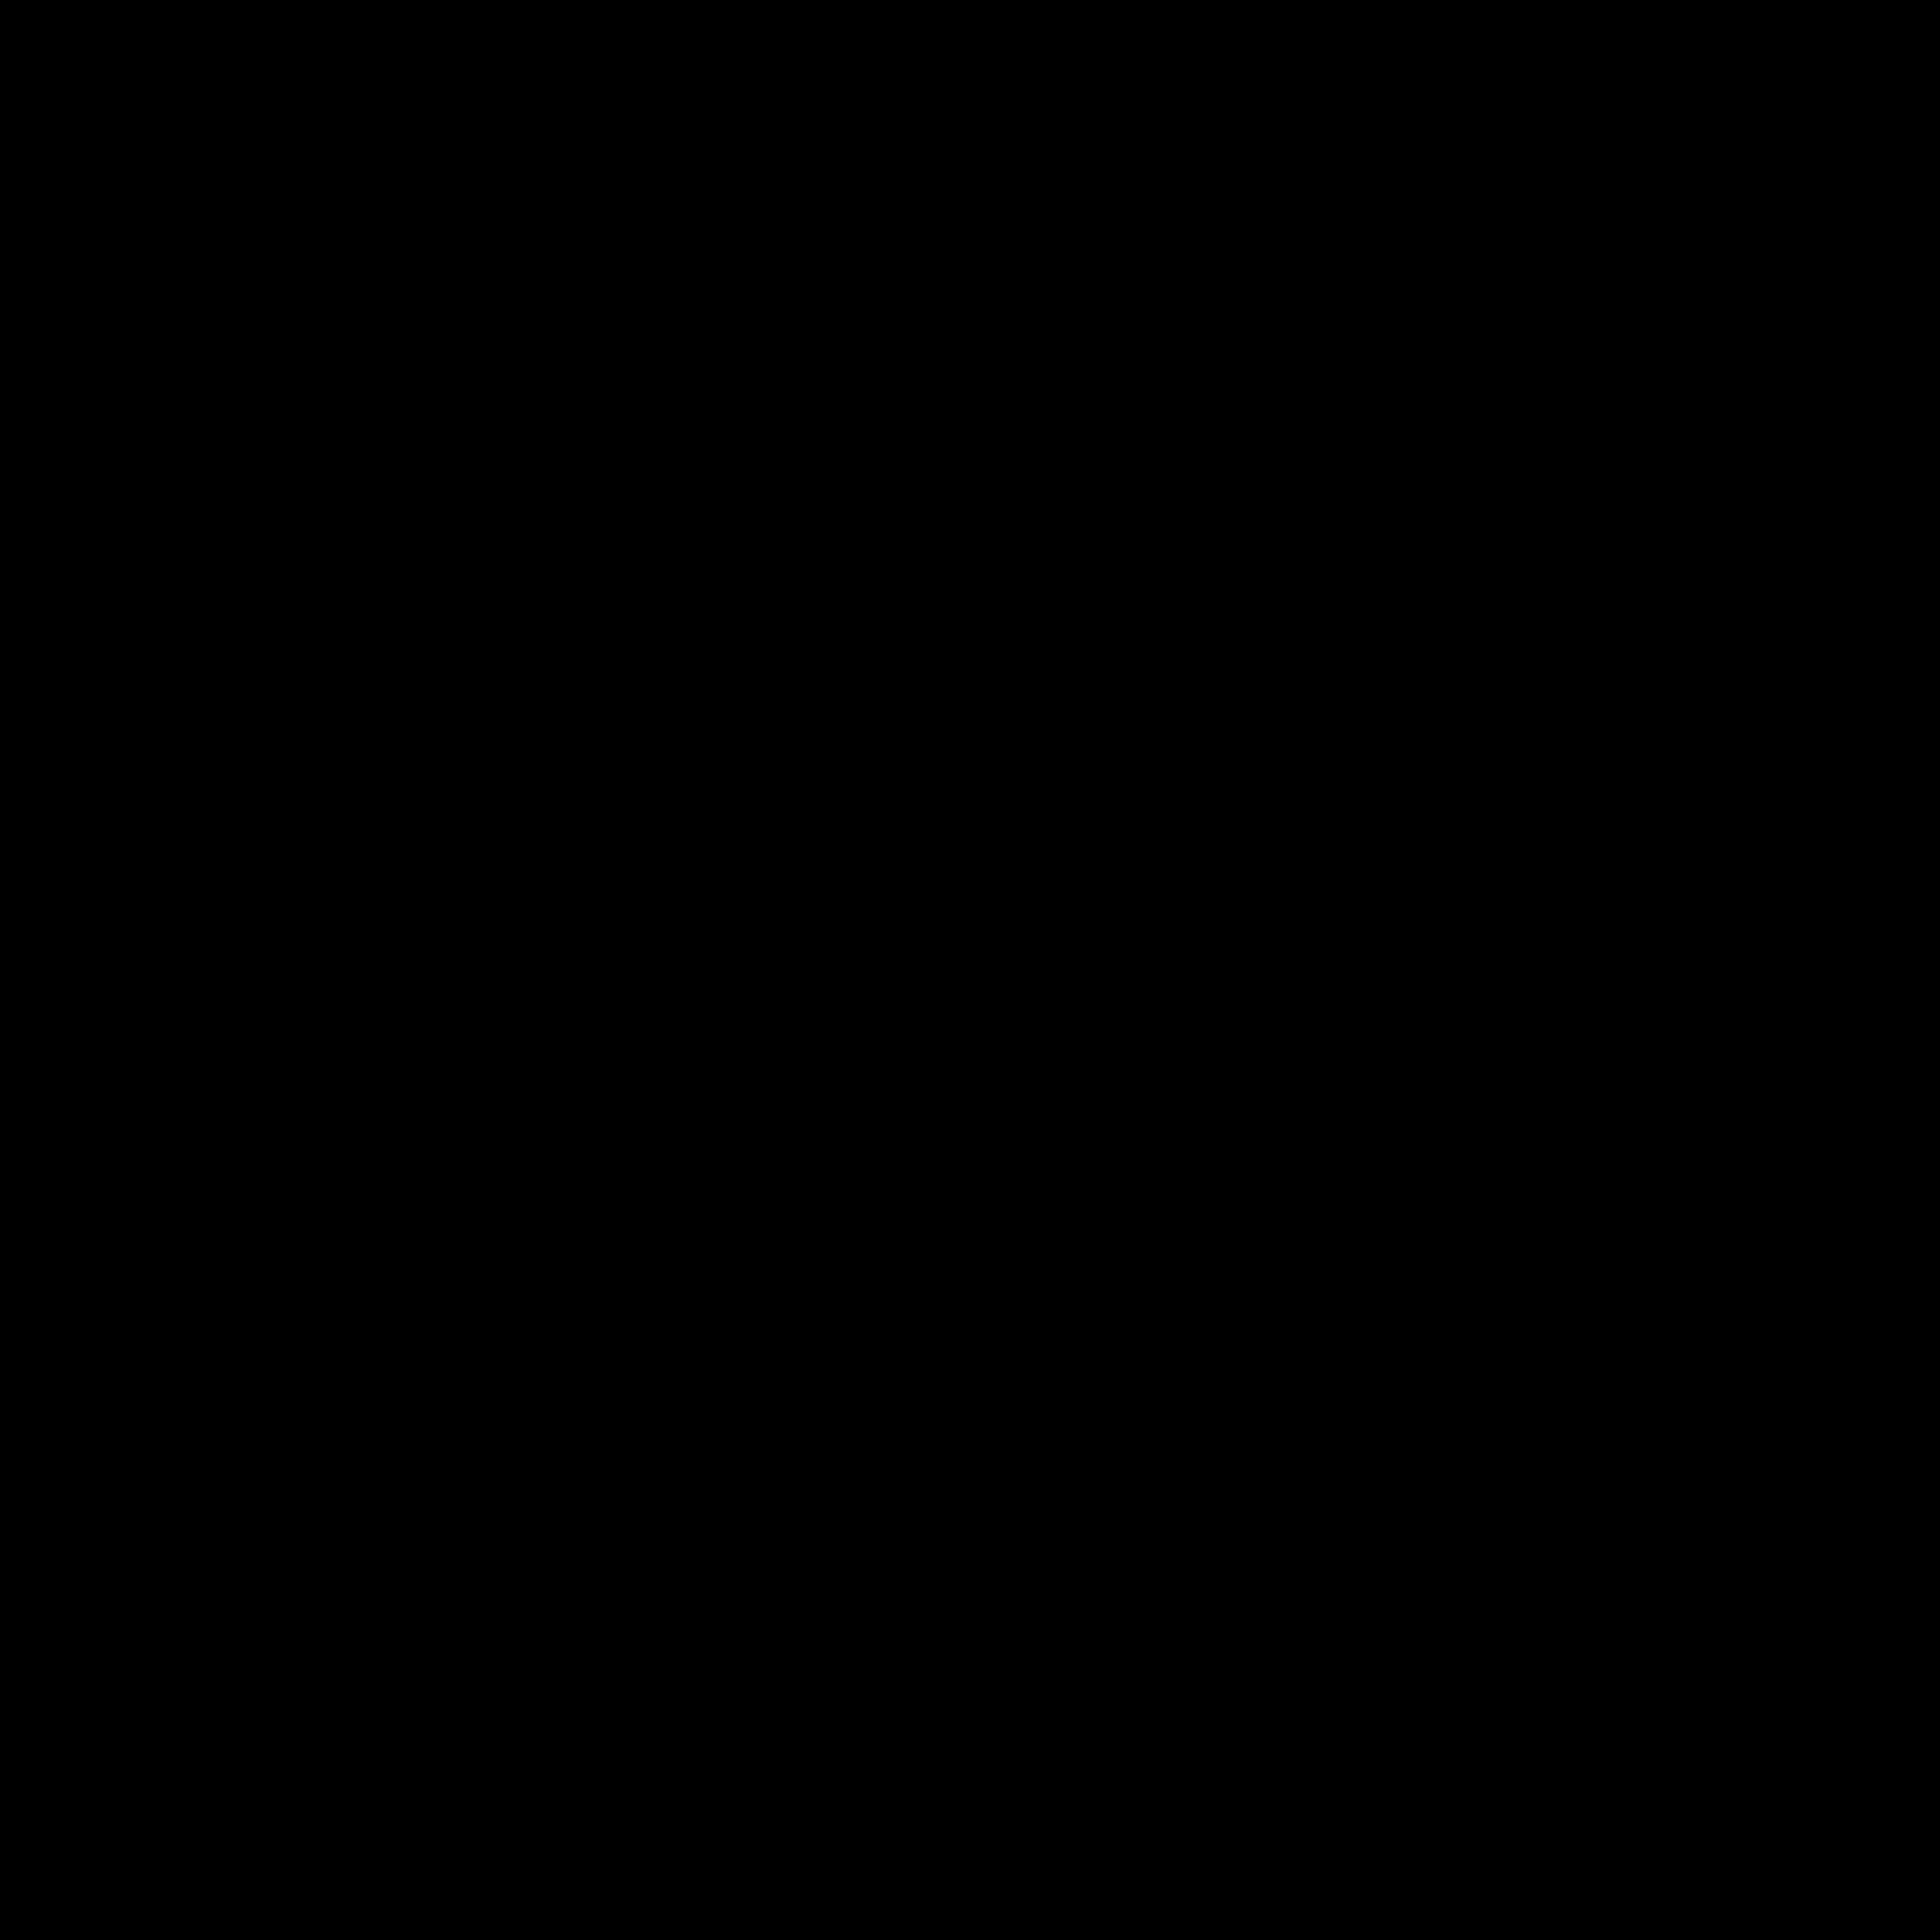 balenciaga logo 0 - Balenciaga Logo